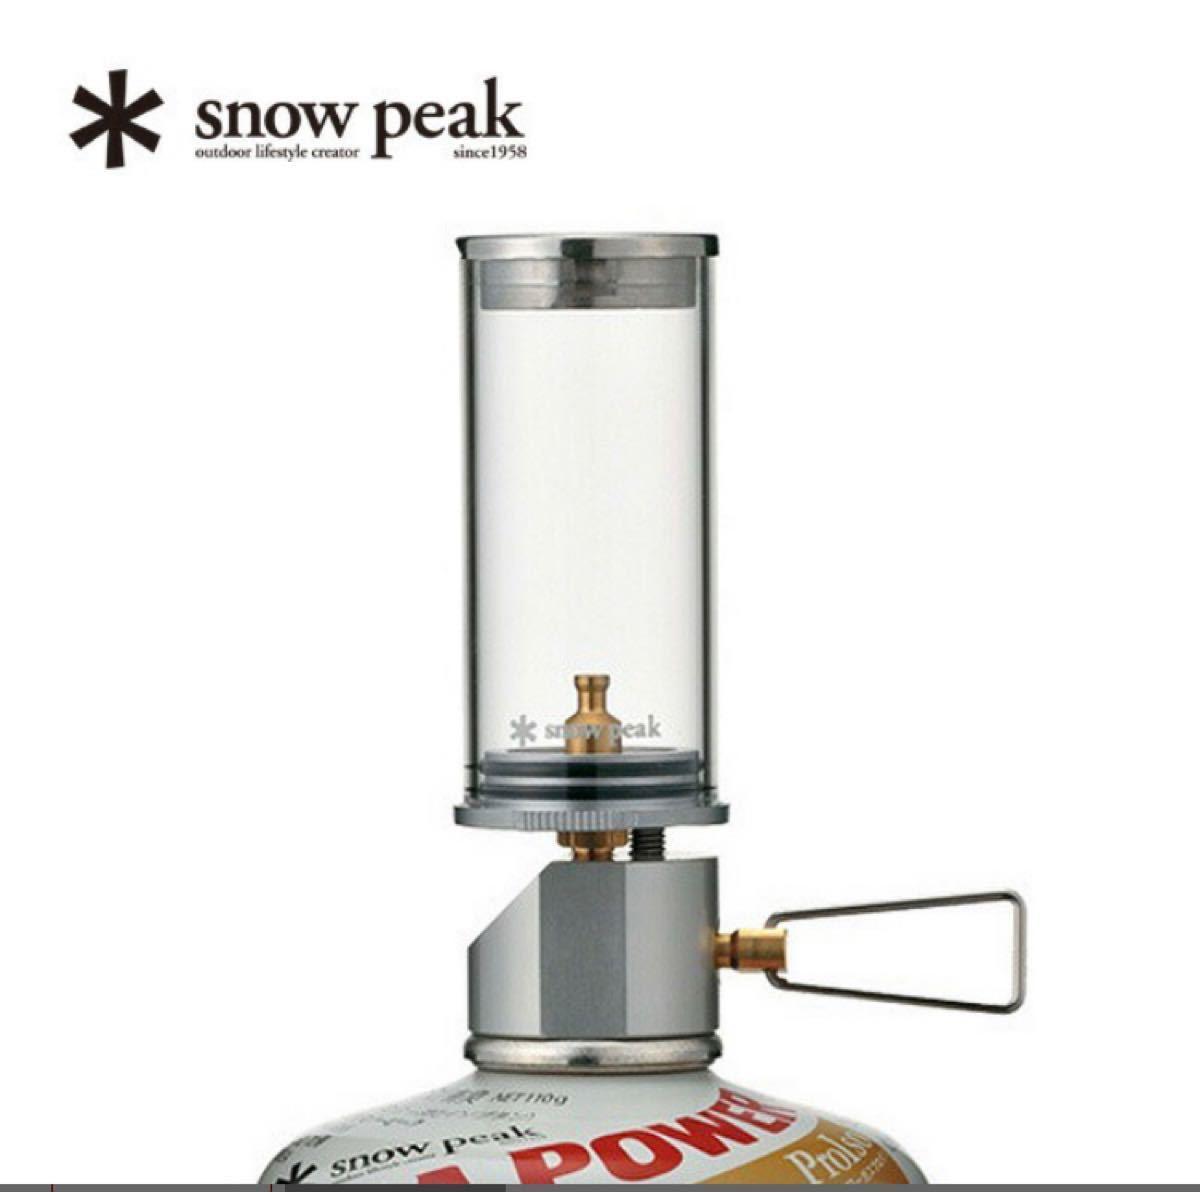 スノーピーク リトルランプ ノクターン snow peak 新品未使用 2つセット